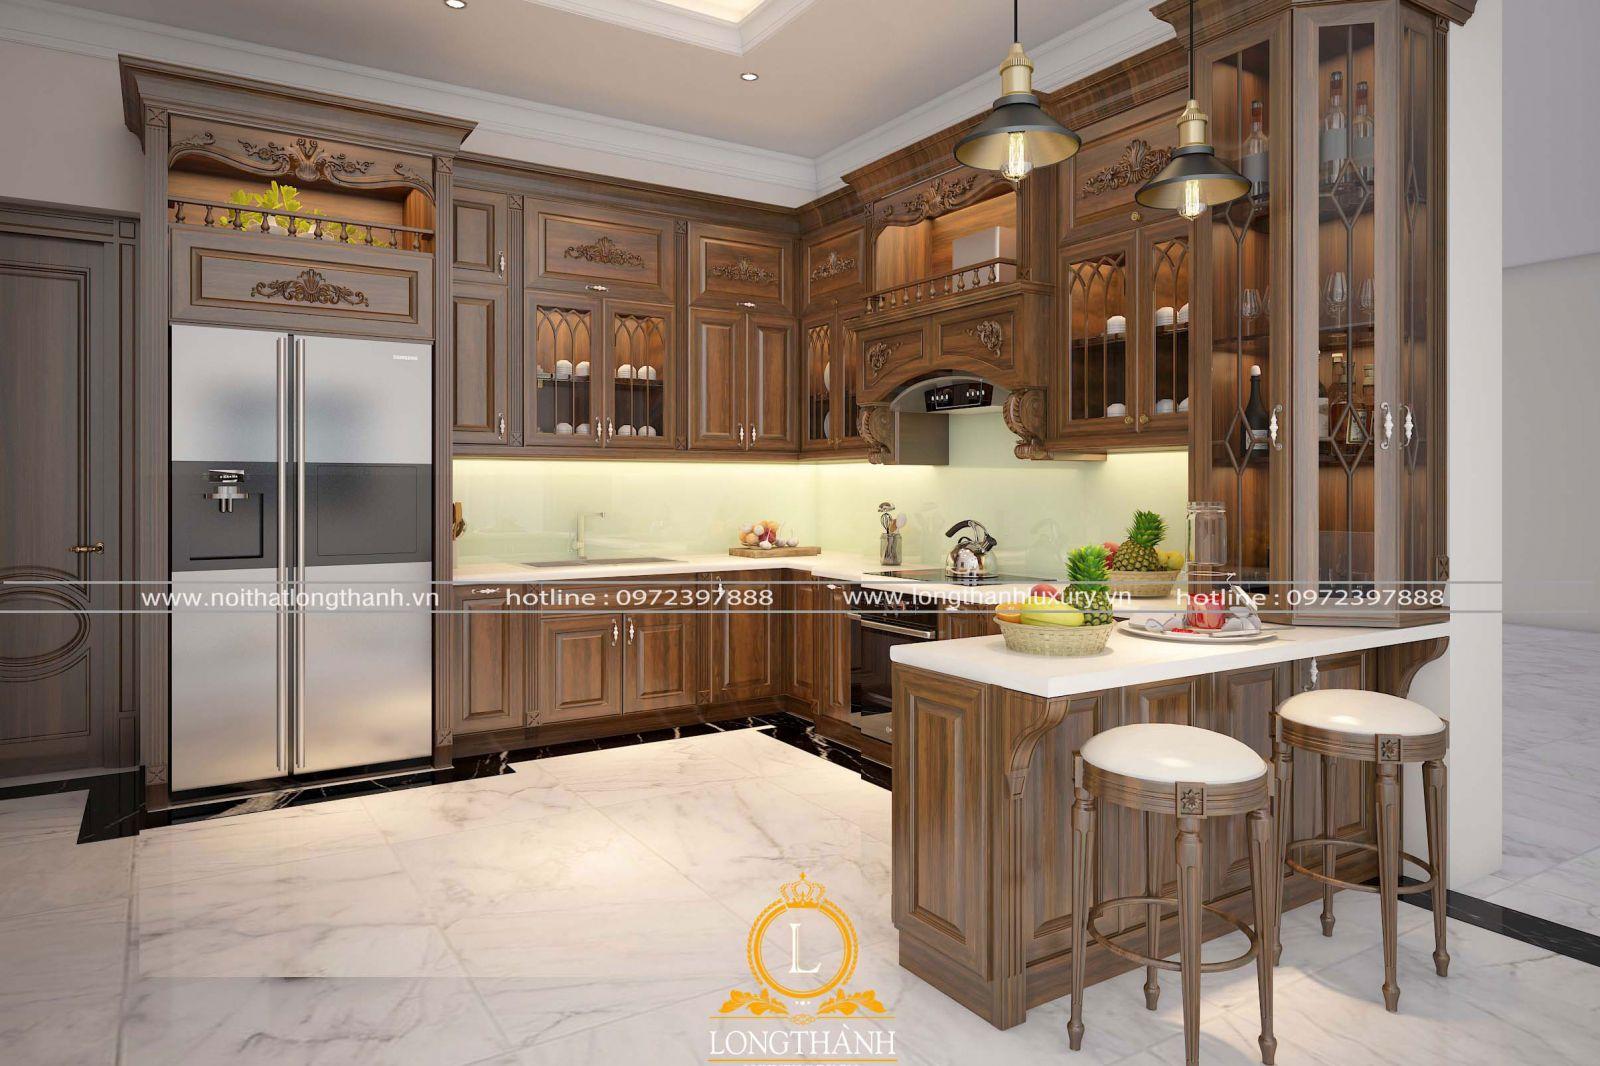 Tủ bếp đẹp được thiết kế khoa học với những giá trị cao cấp